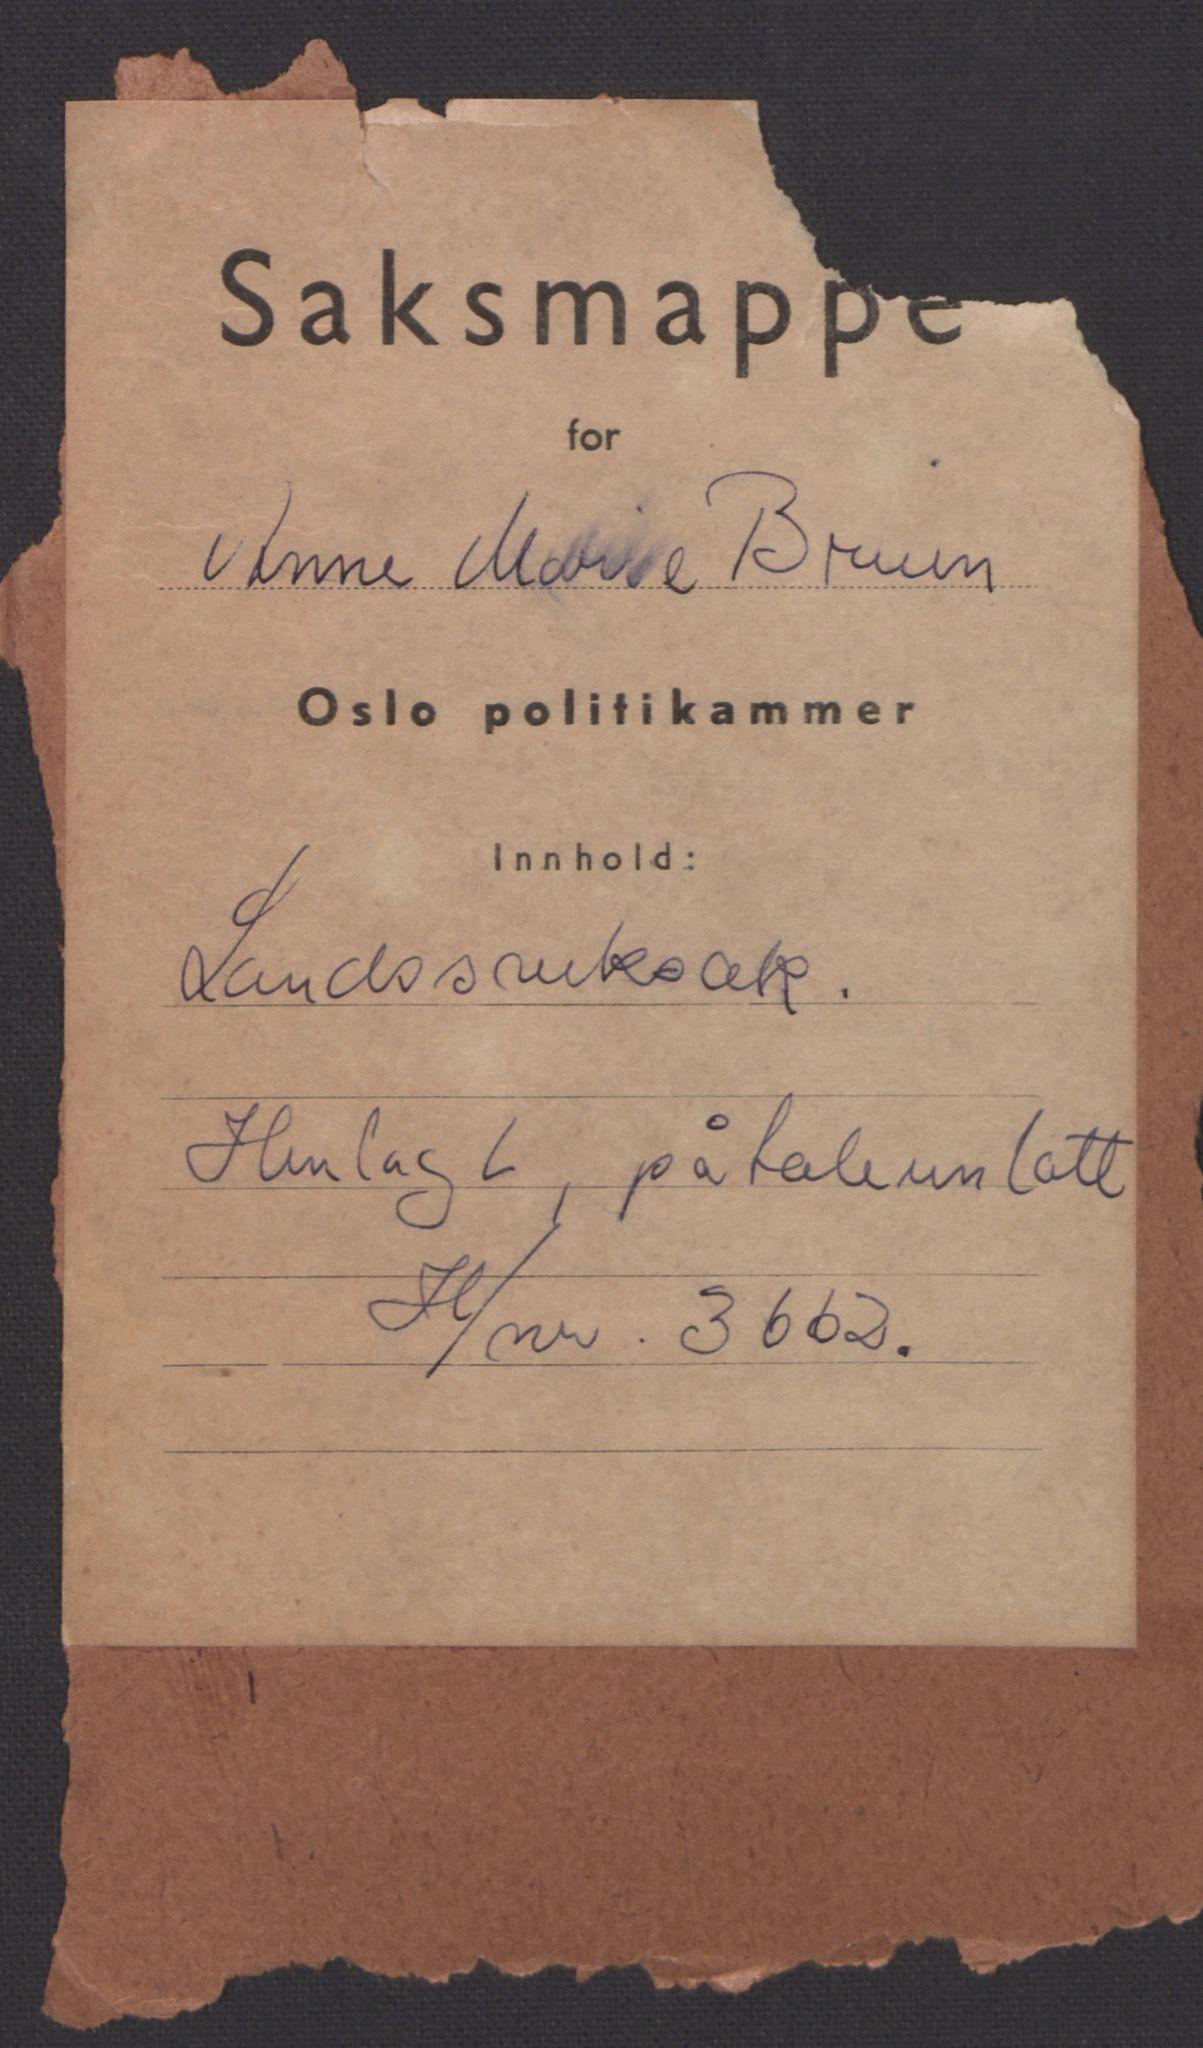 RA, Landssvikarkivet, Oslo politikammer, D/Dg/L0267: Henlagt hnr. 3658, 1945-1946, s. 1